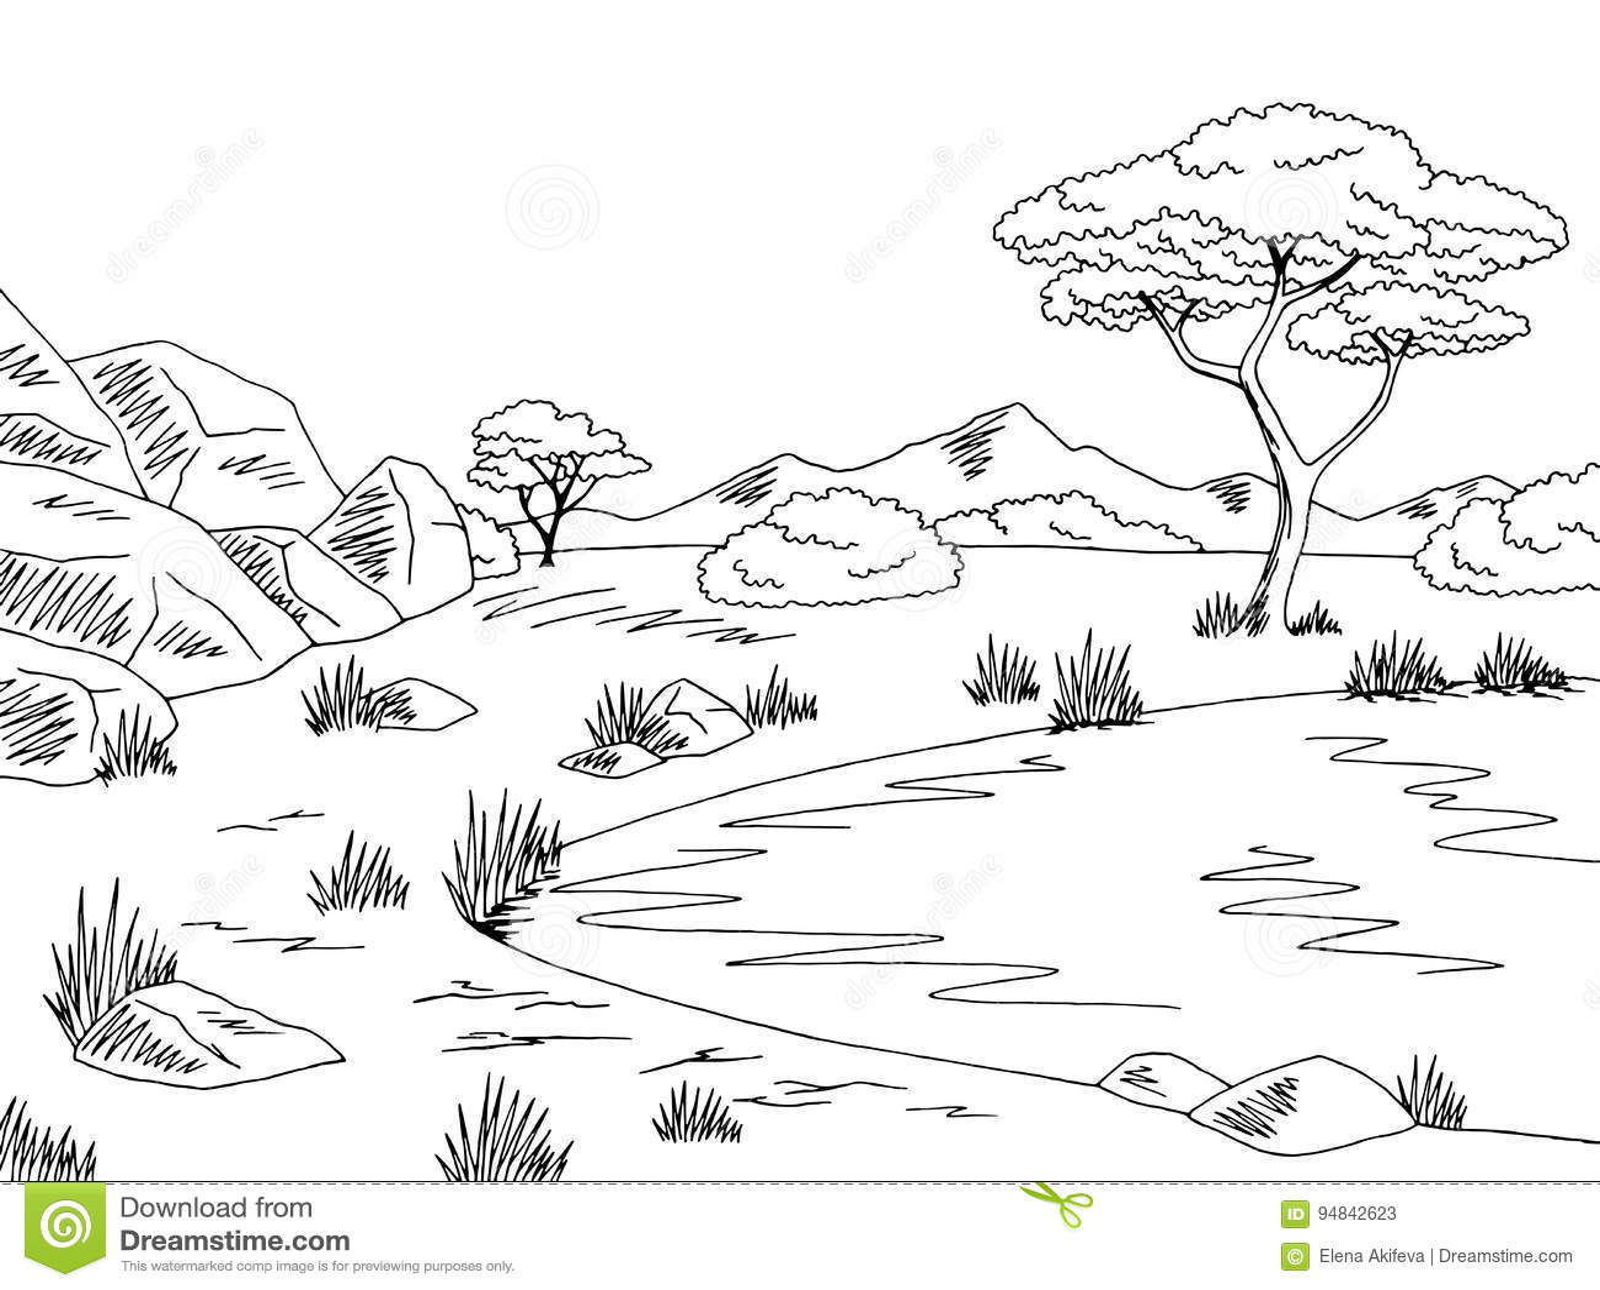 Savannah Graphic Black White Lake Landscape Sketch